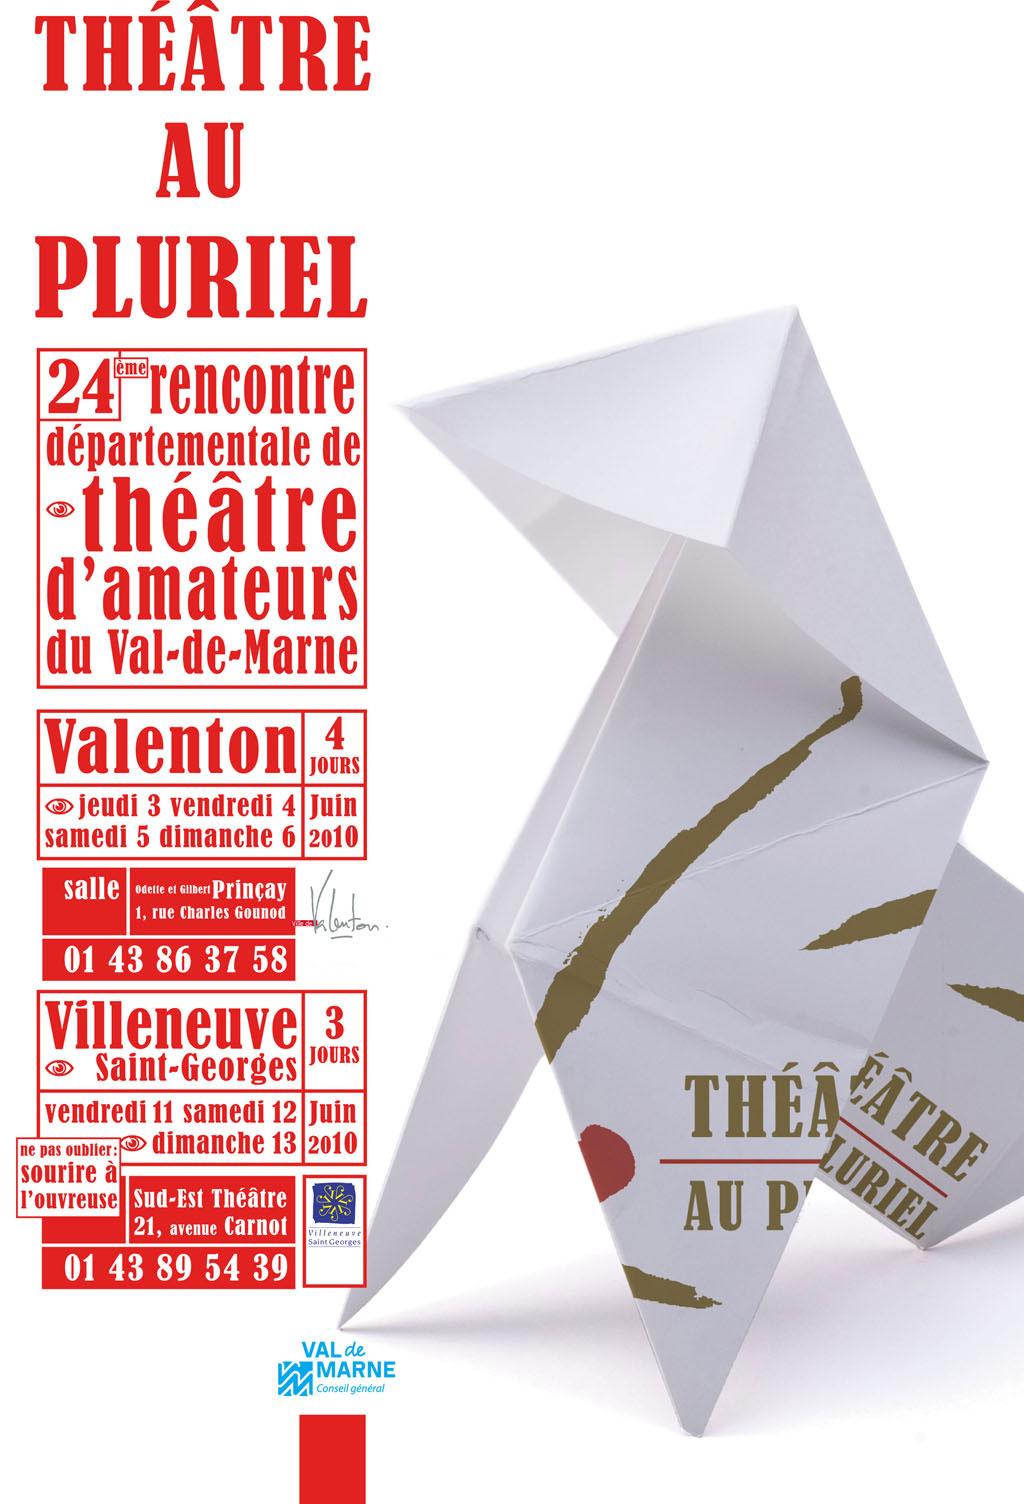 Théâtre au pluriel